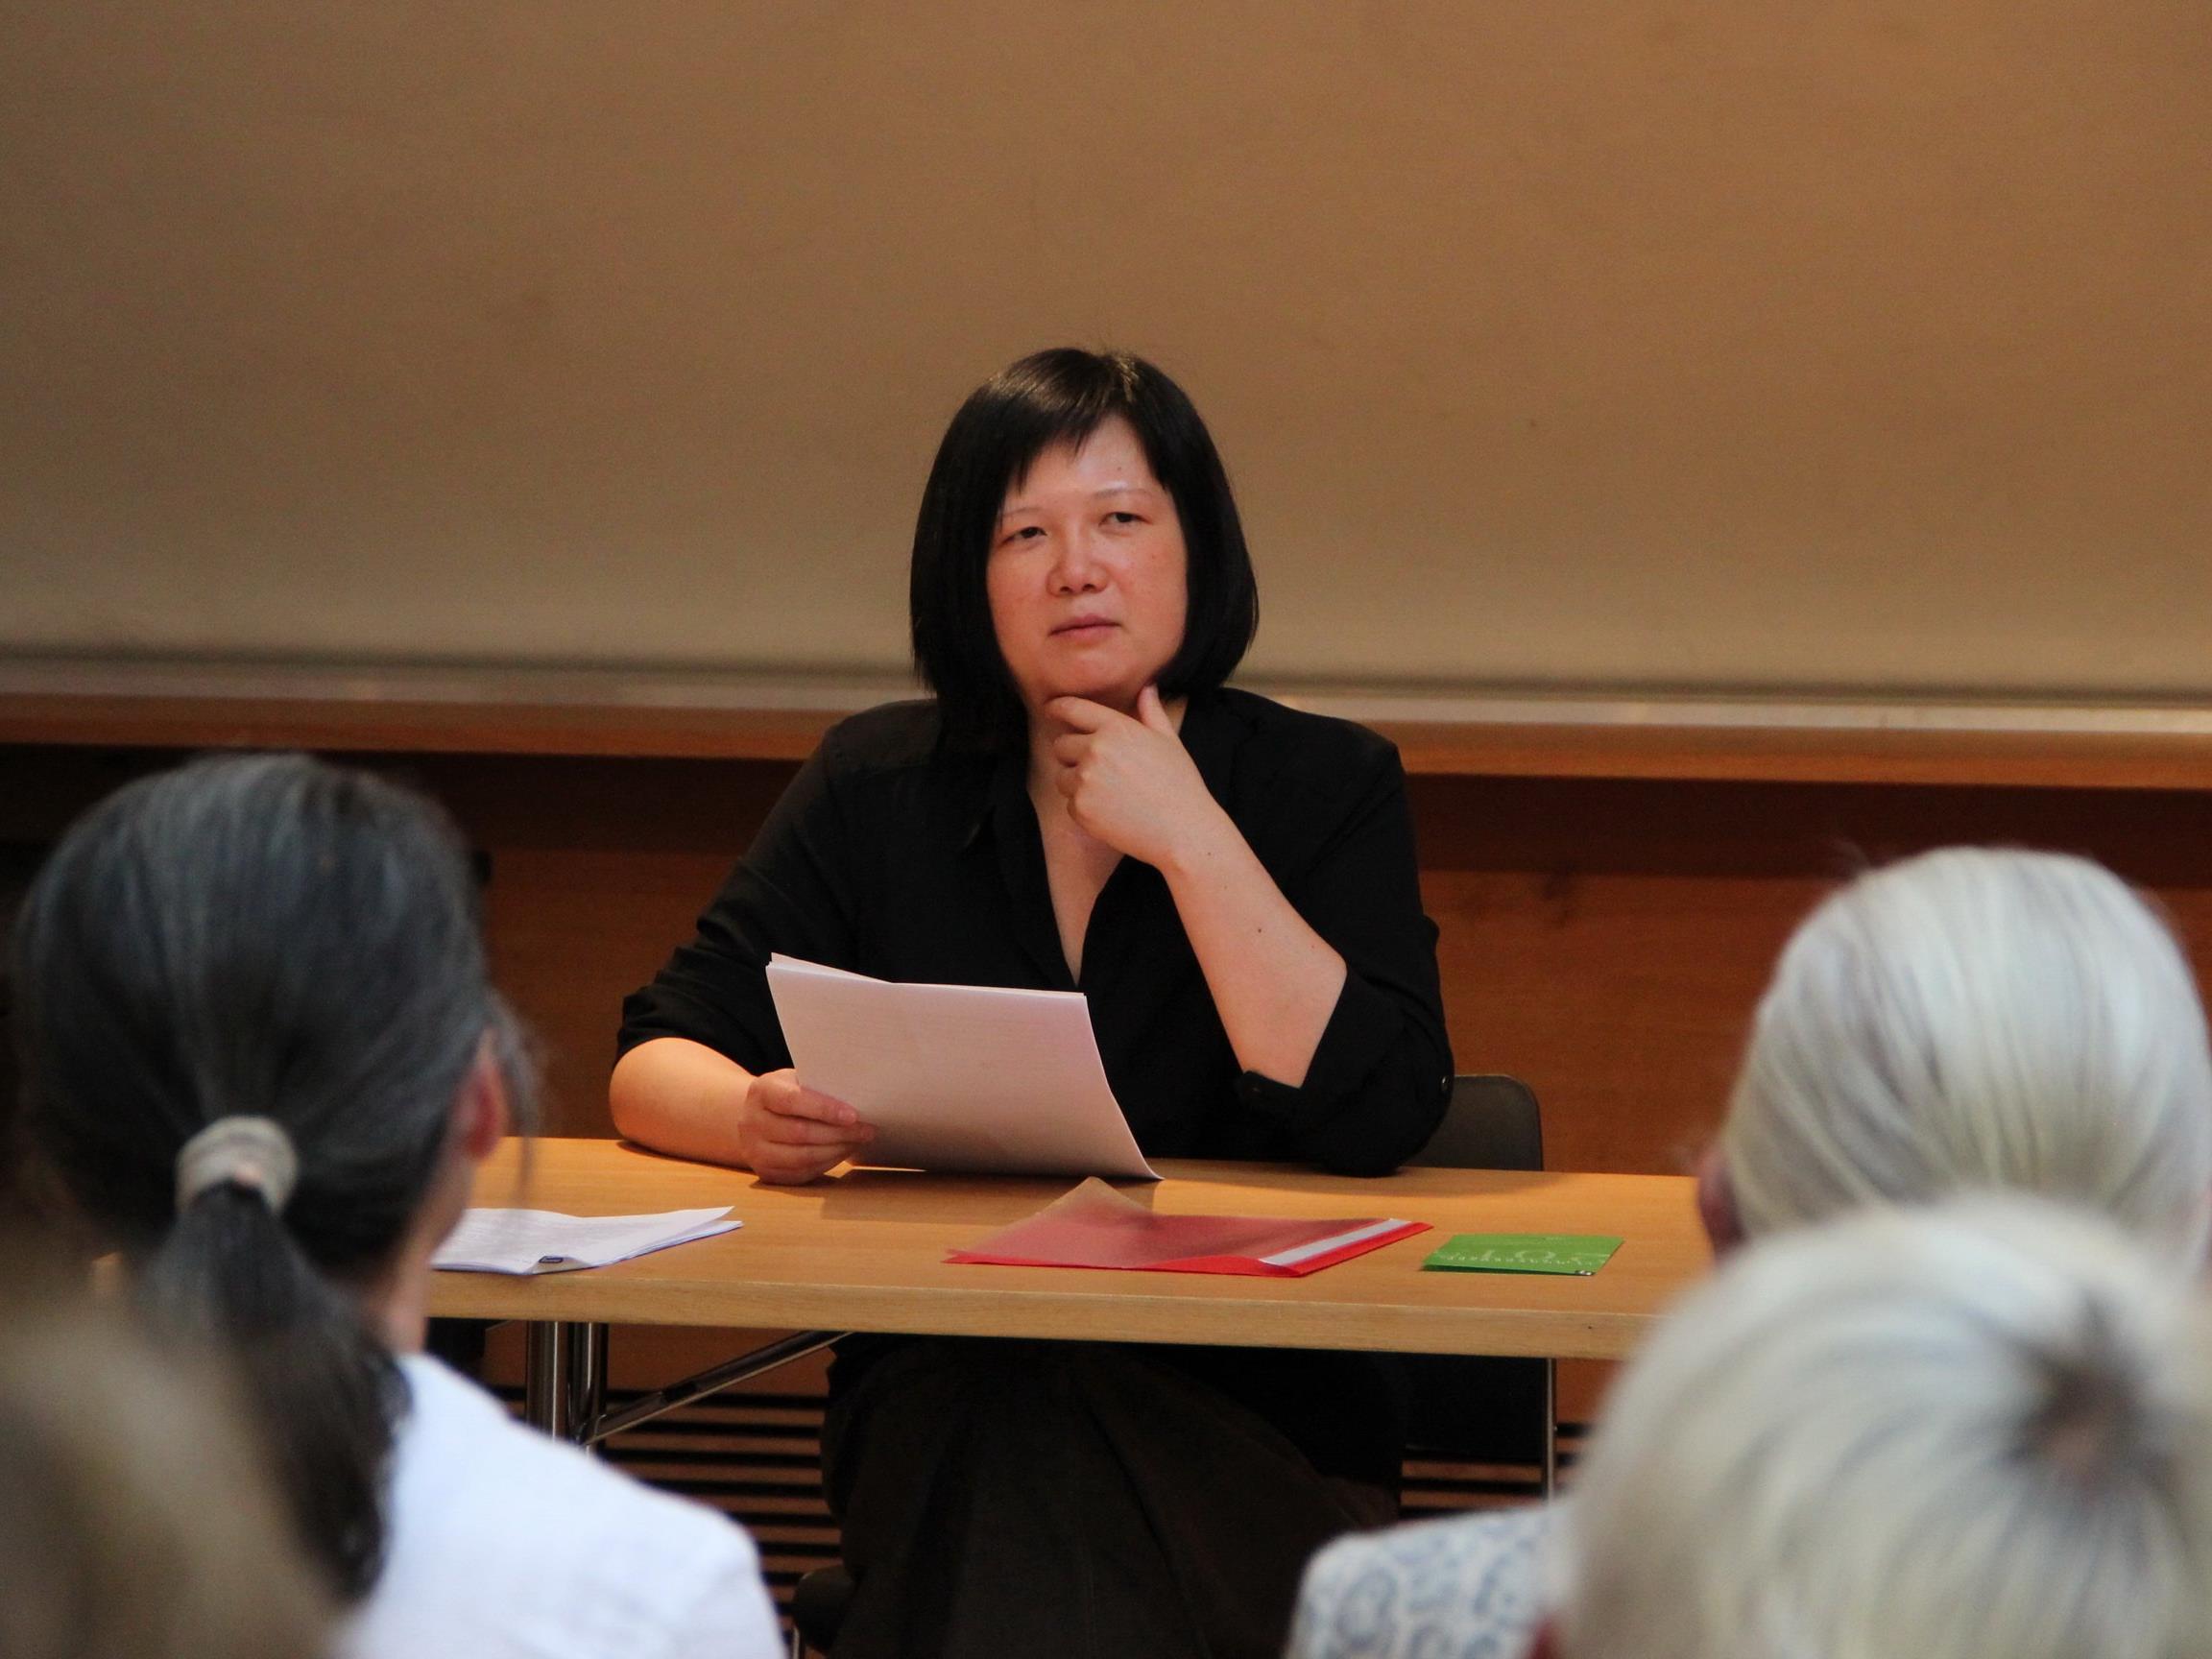 Die aktuelle Preisträgerin Que Du Luu bei ihrem Besuch in Hohenems im Juni 2015.